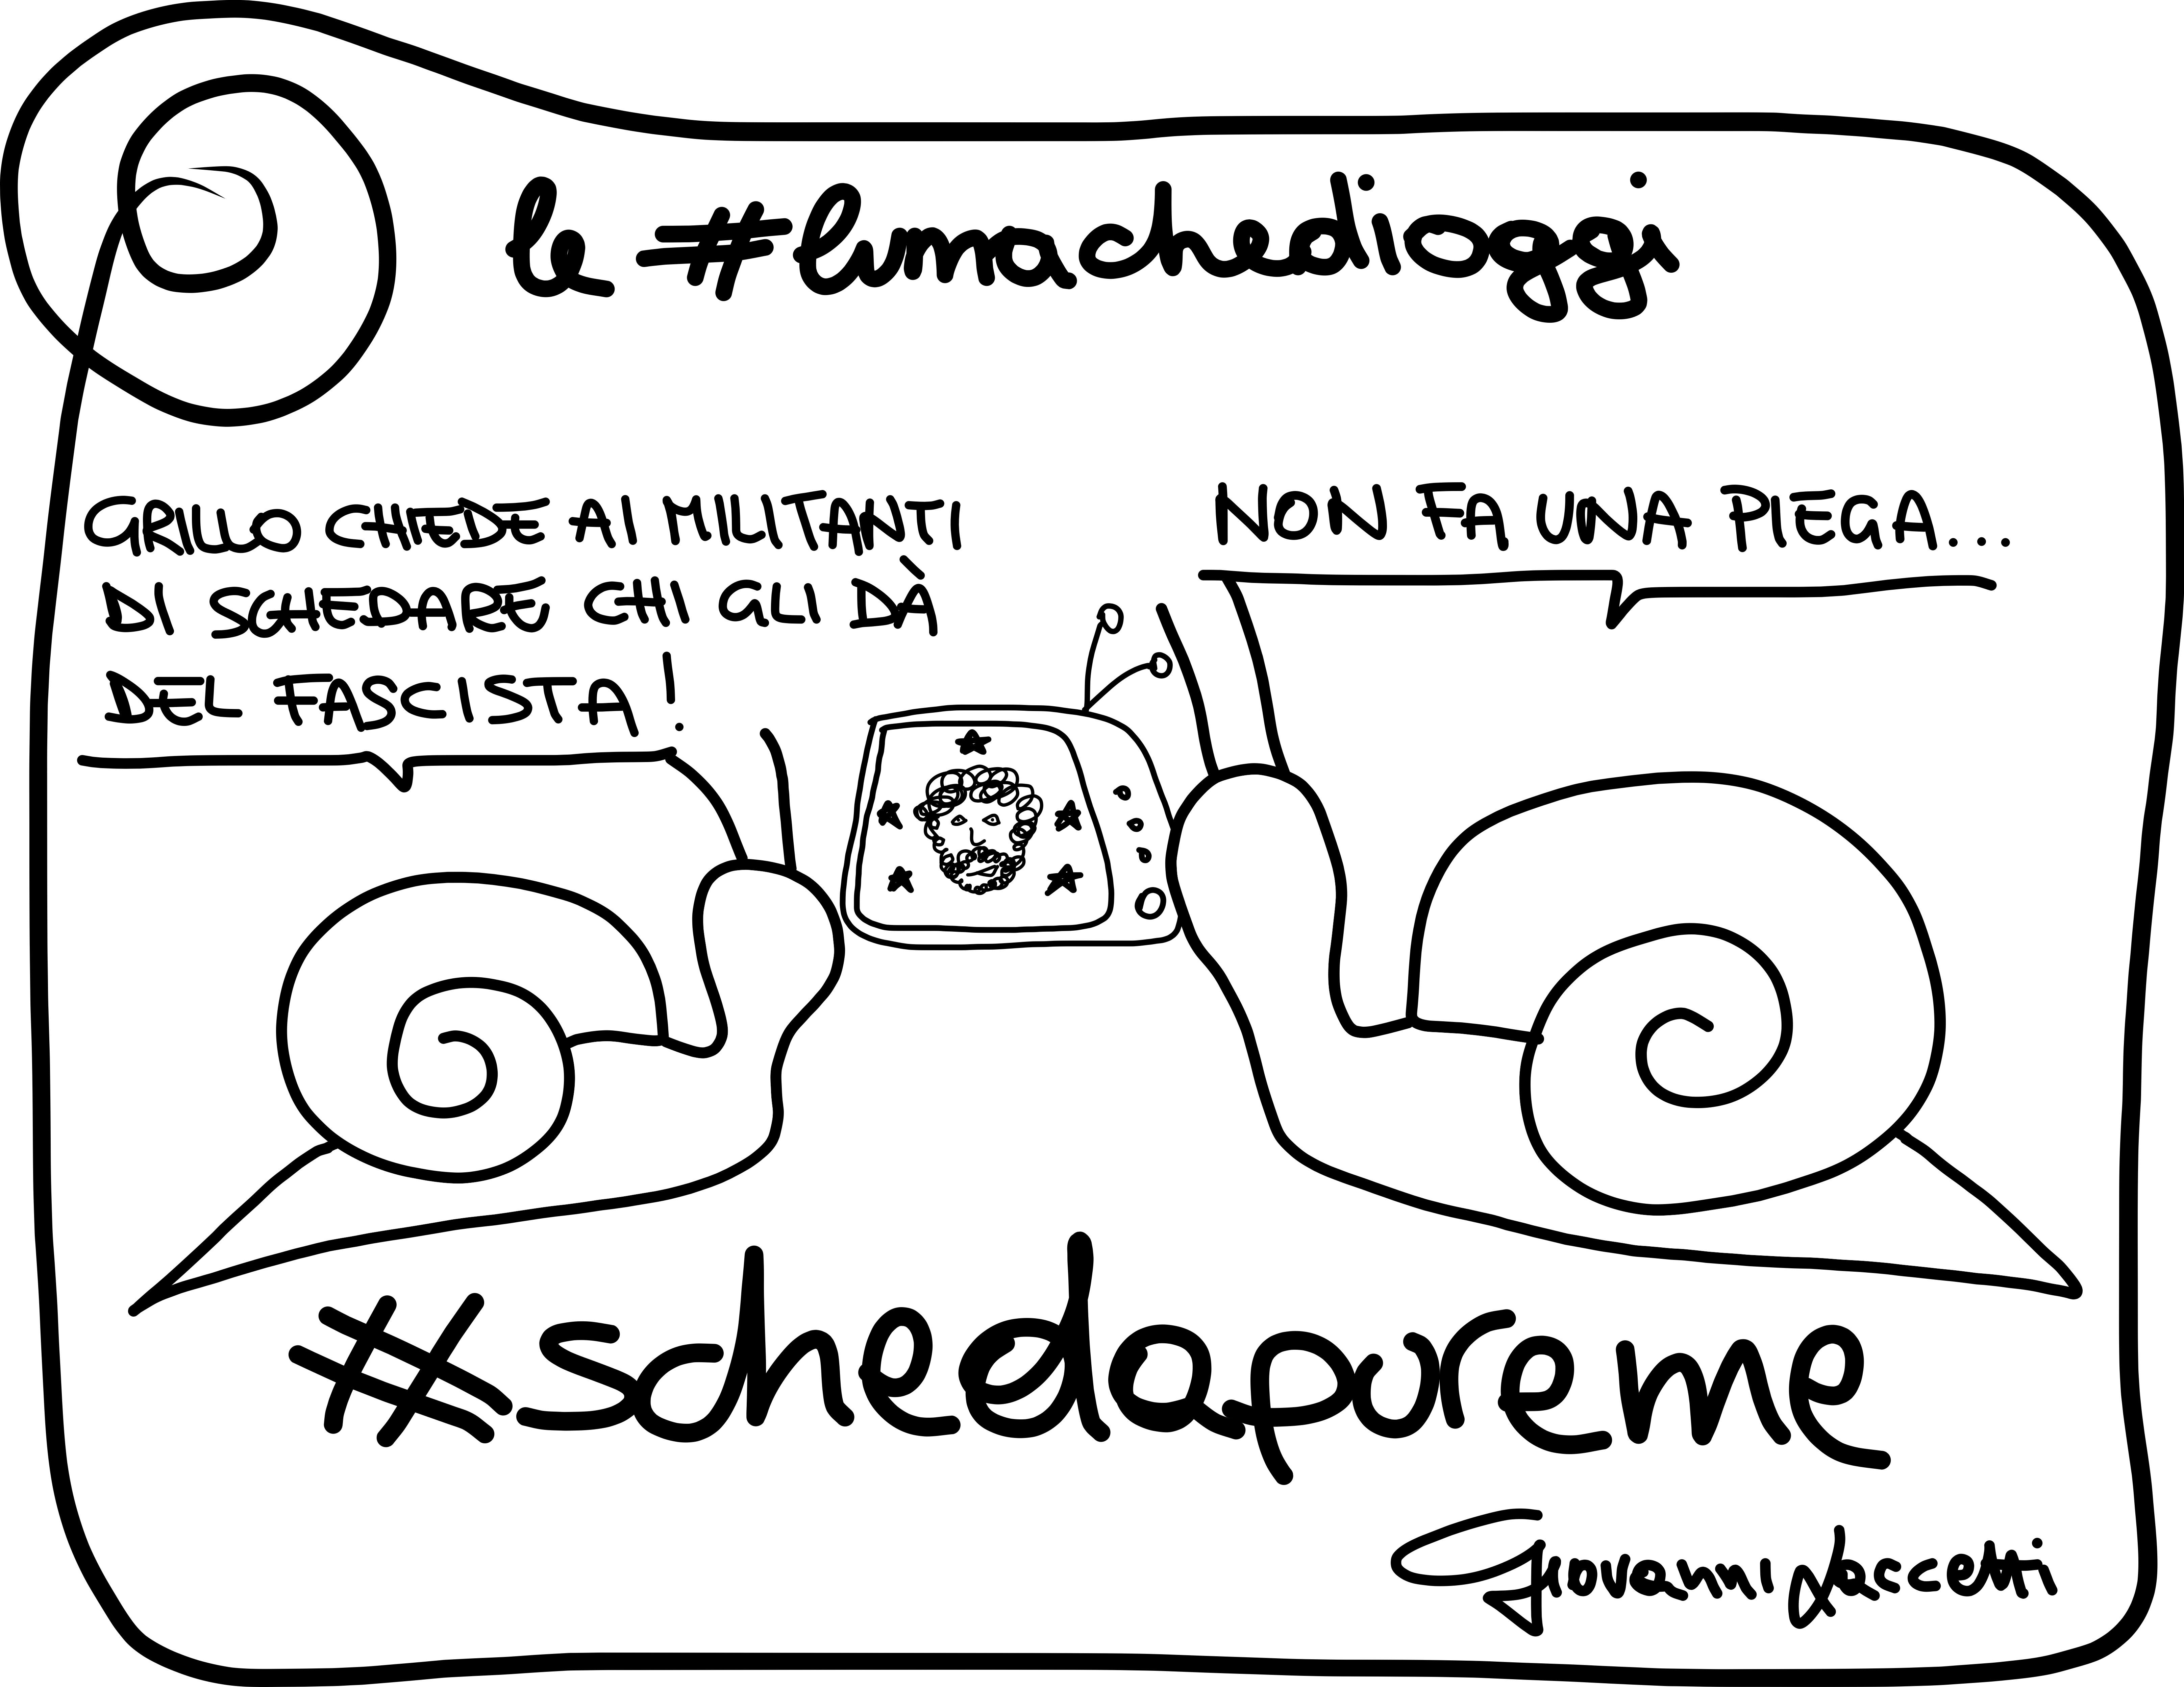 #lumachedioggi di Giovanni Laccetti. E mo #schedapureme